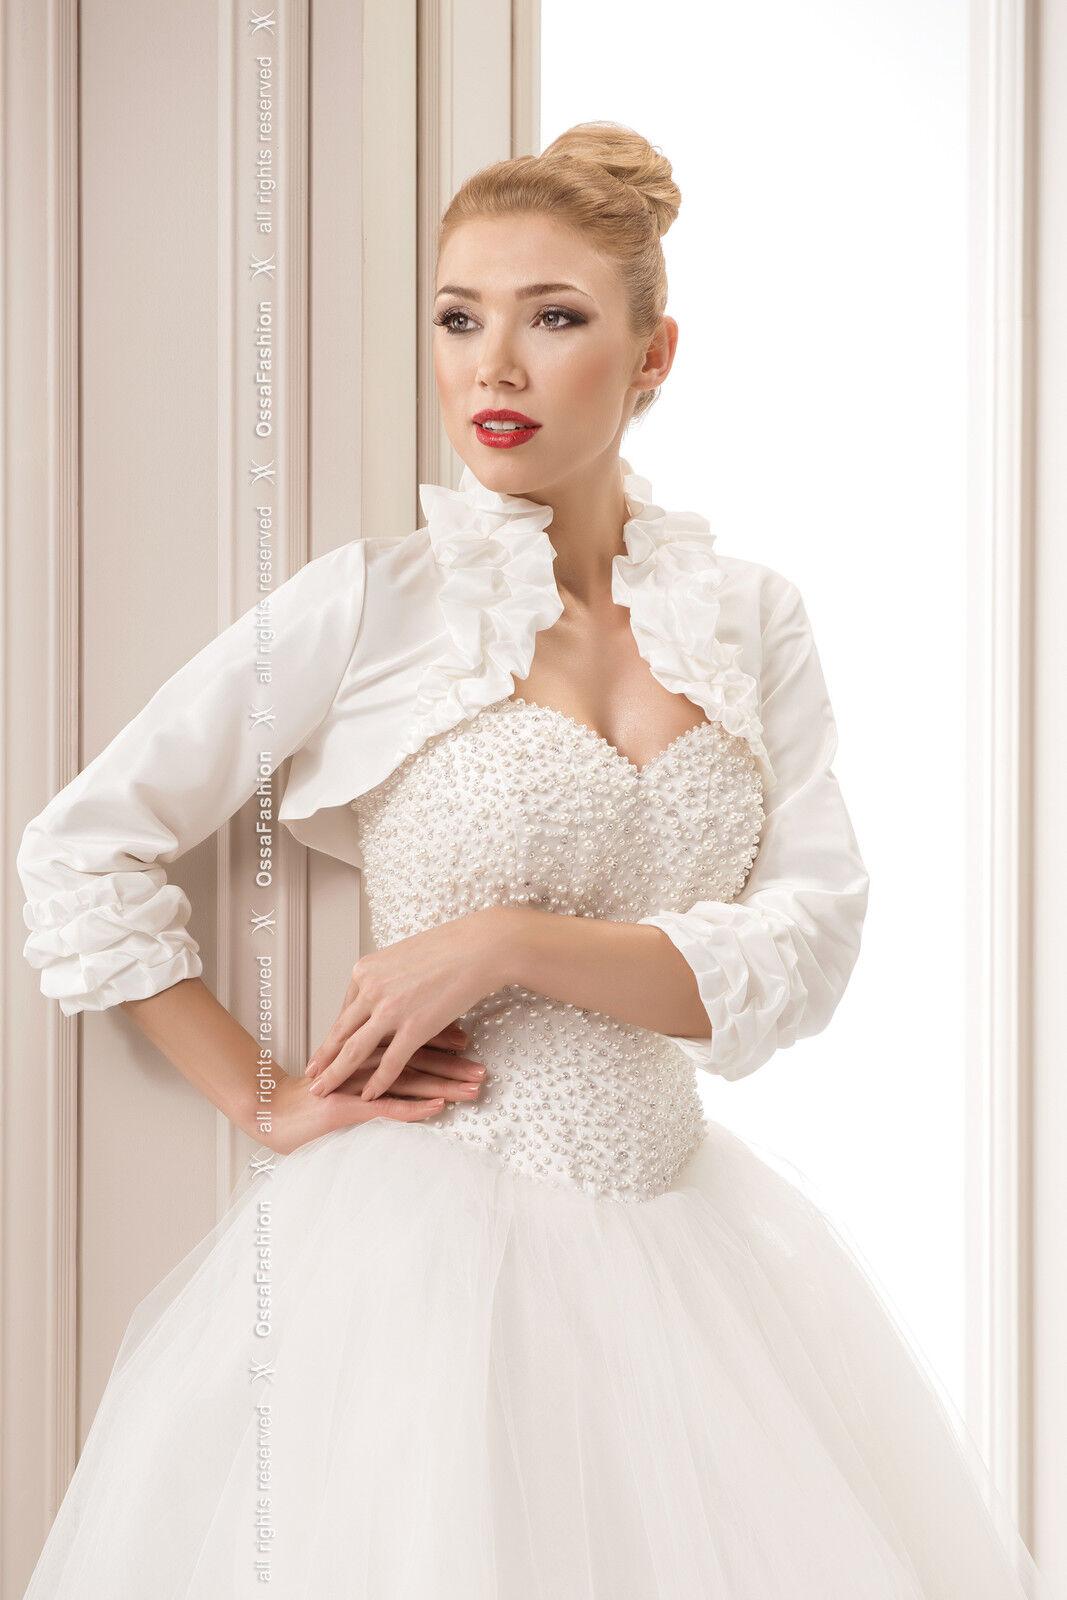 New Women Wedding Top Satin Ruffle Bolero Shrug Bridal ...